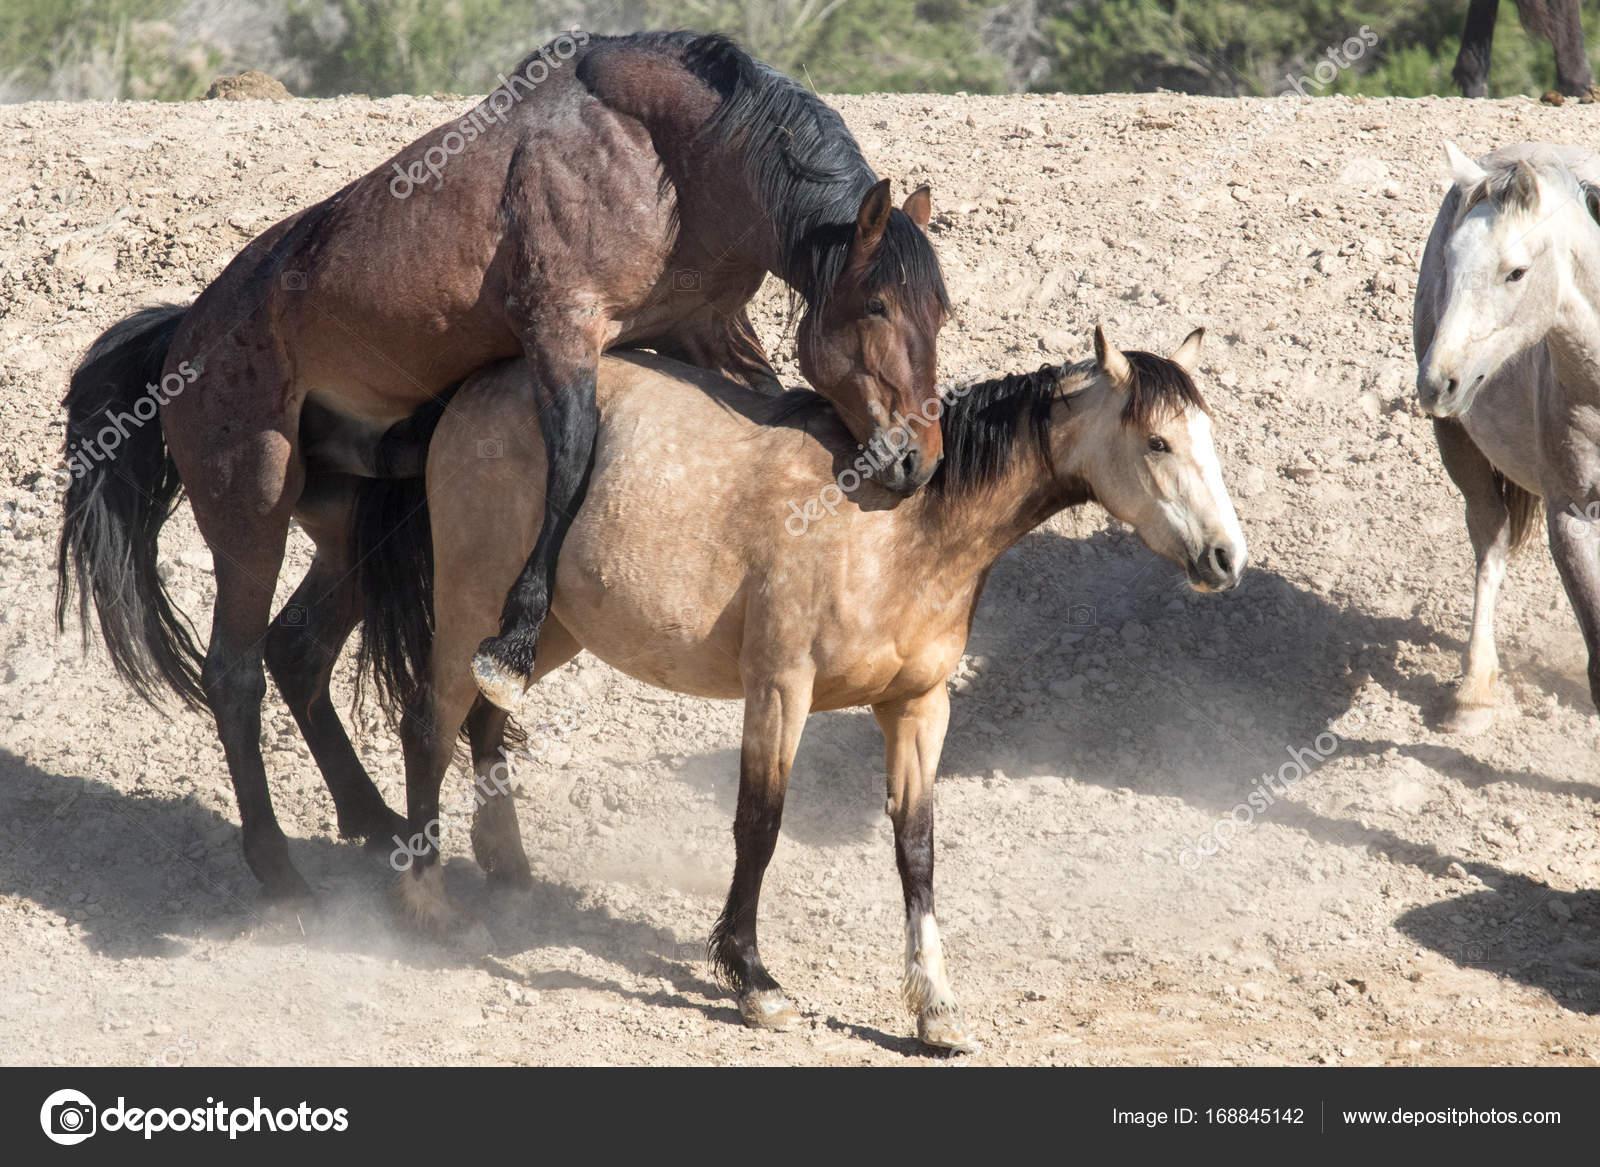 Лошади спариваются видео смотреть онлайн. случка животных: как спариваются лошади, вязка коней, видео